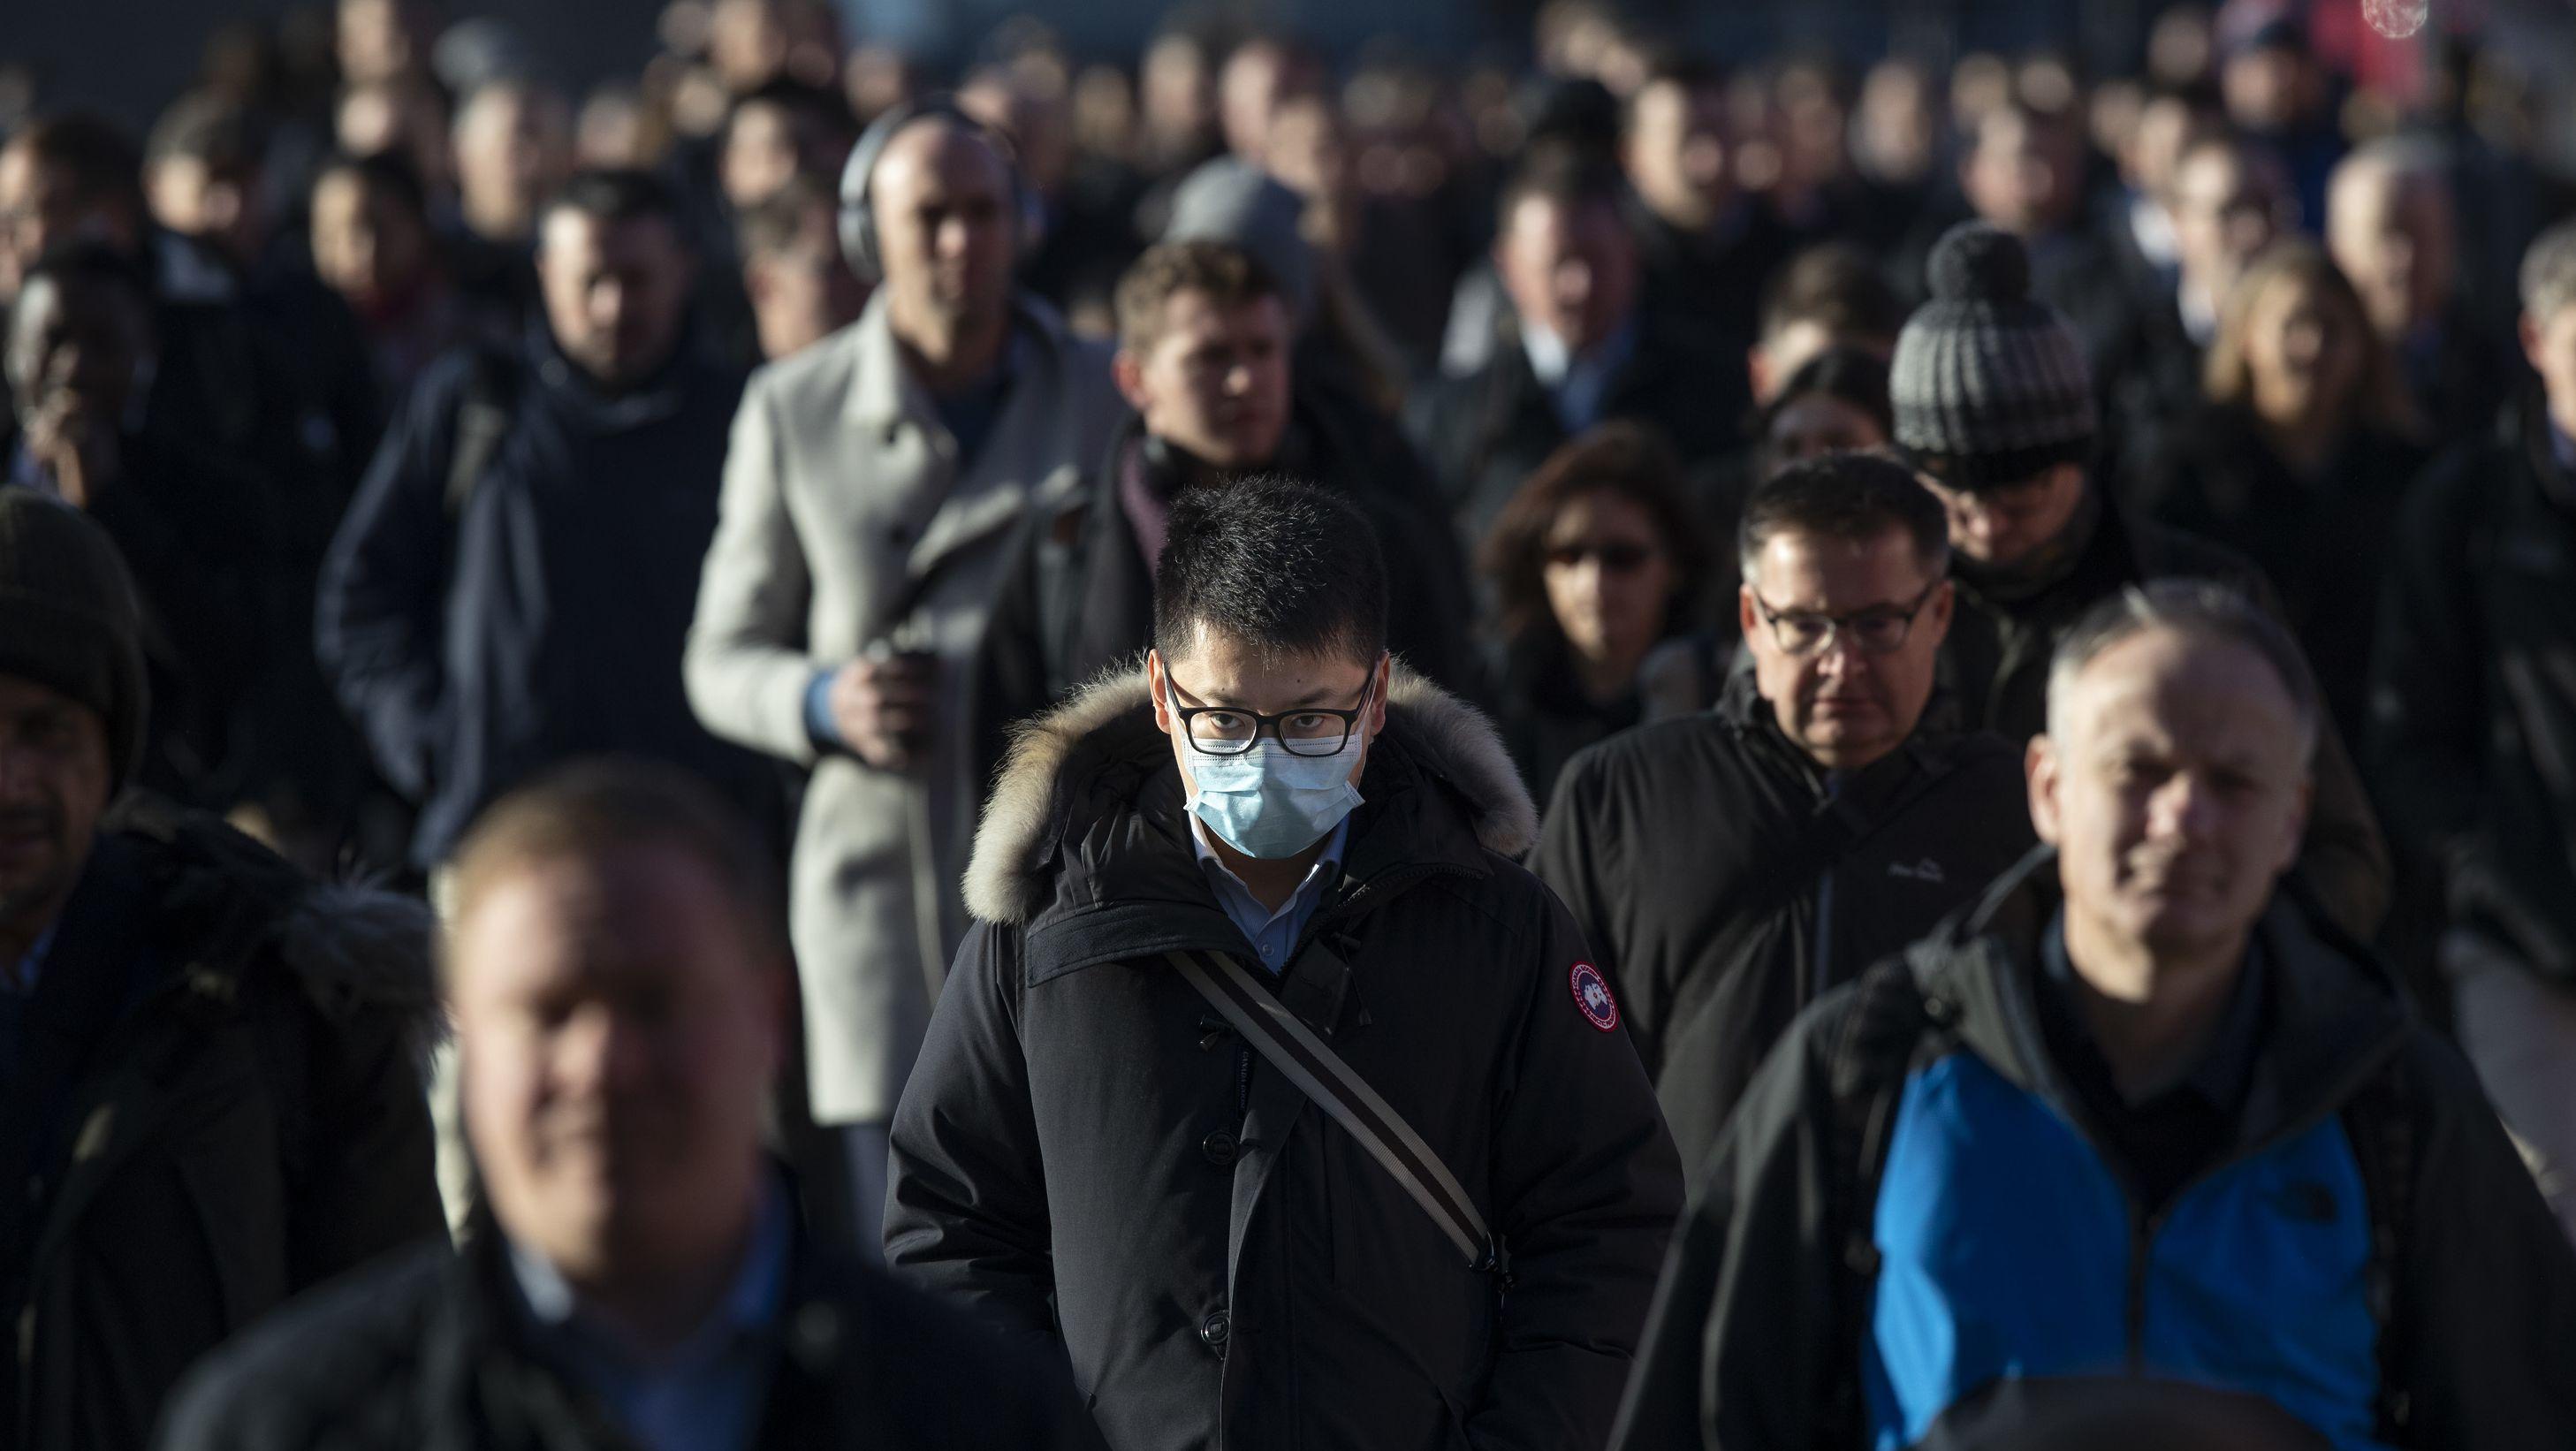 Mann mit Schutzmaske in einer Menschenmenge